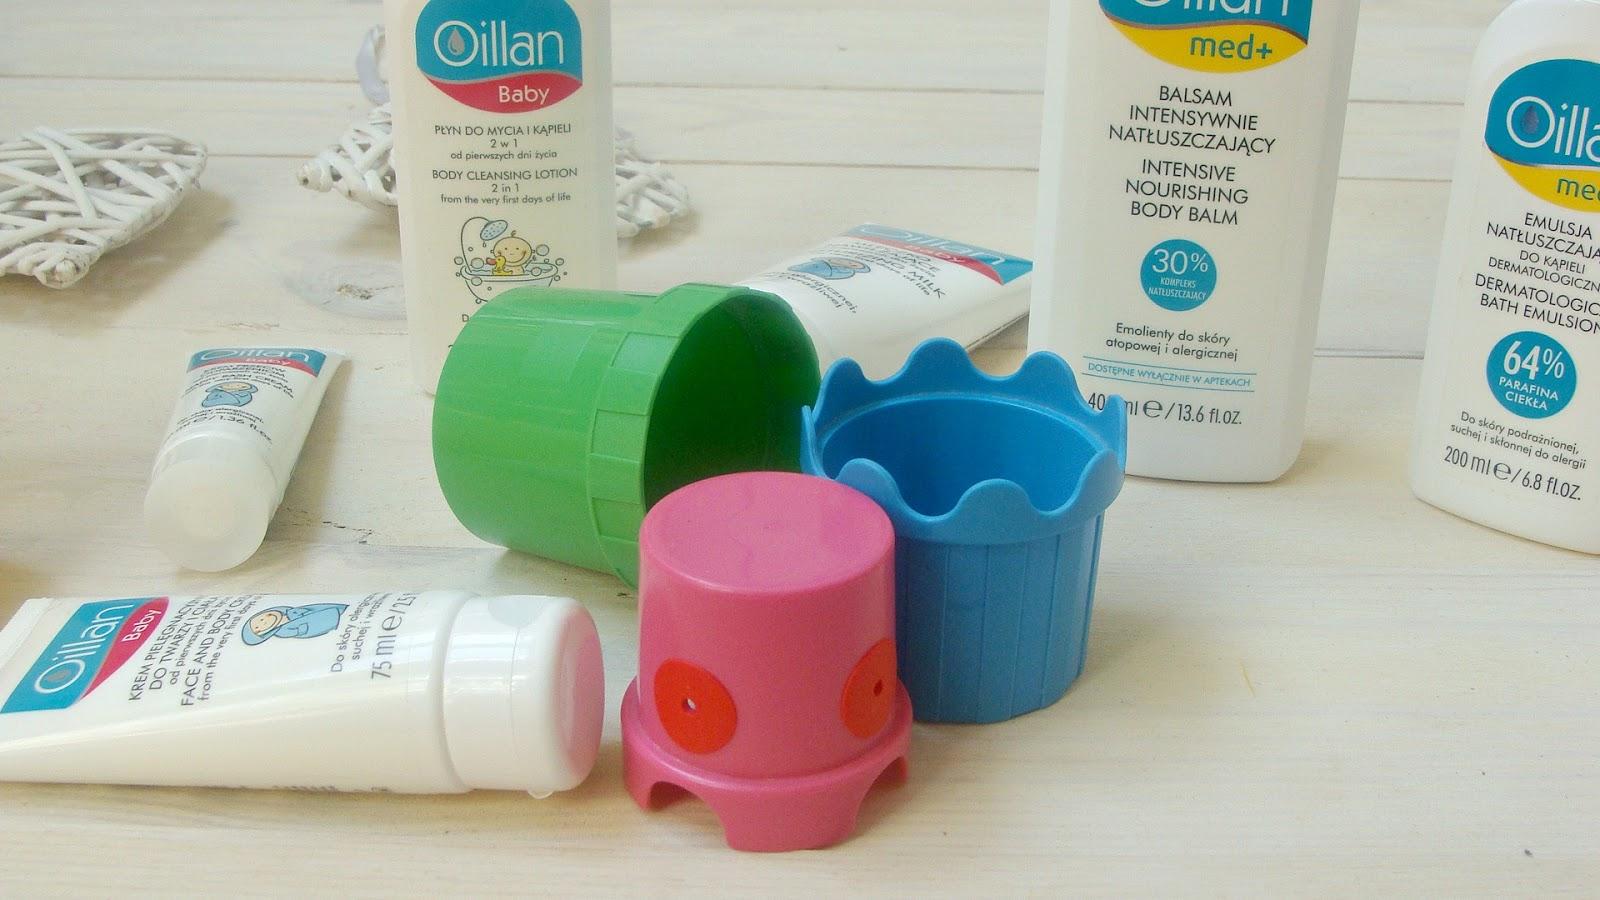 Oillan Baby, Oillan Med +, recenzja